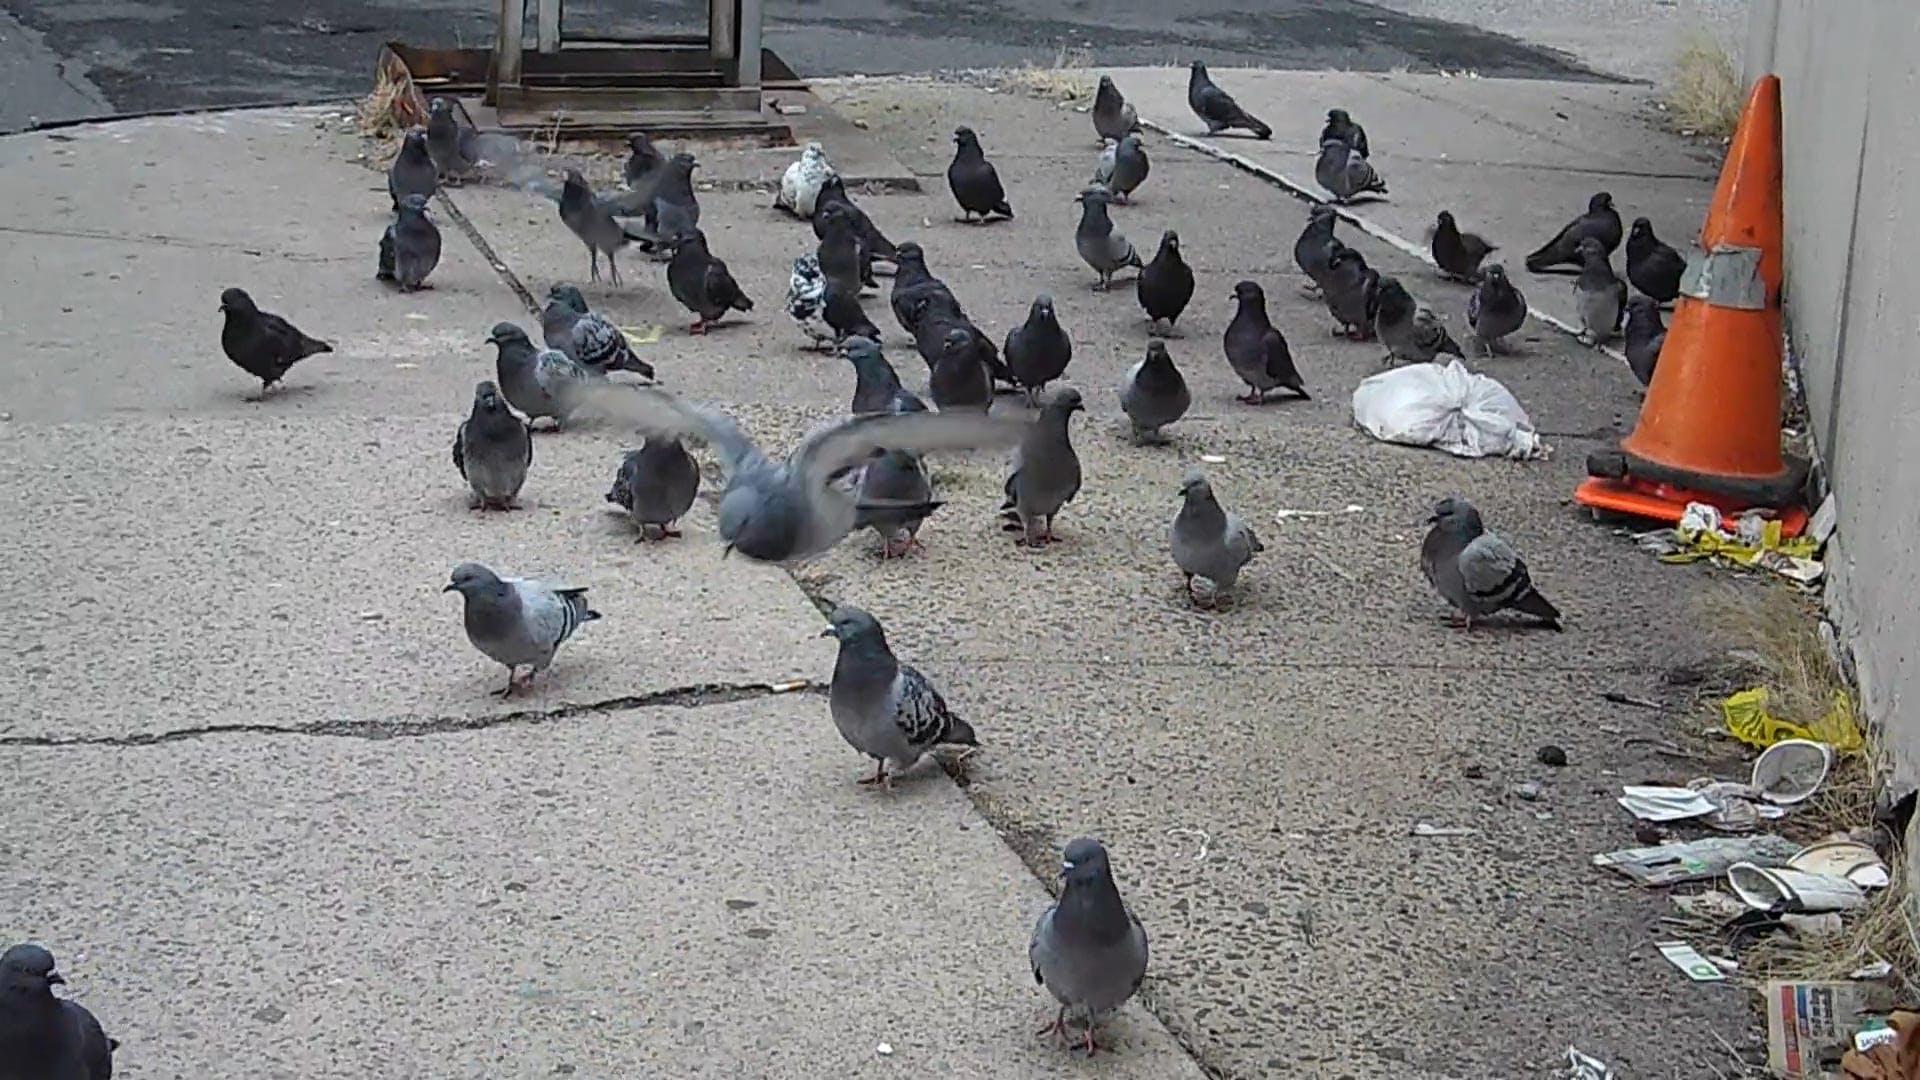 Flock Of Pigeons On Sidewalk